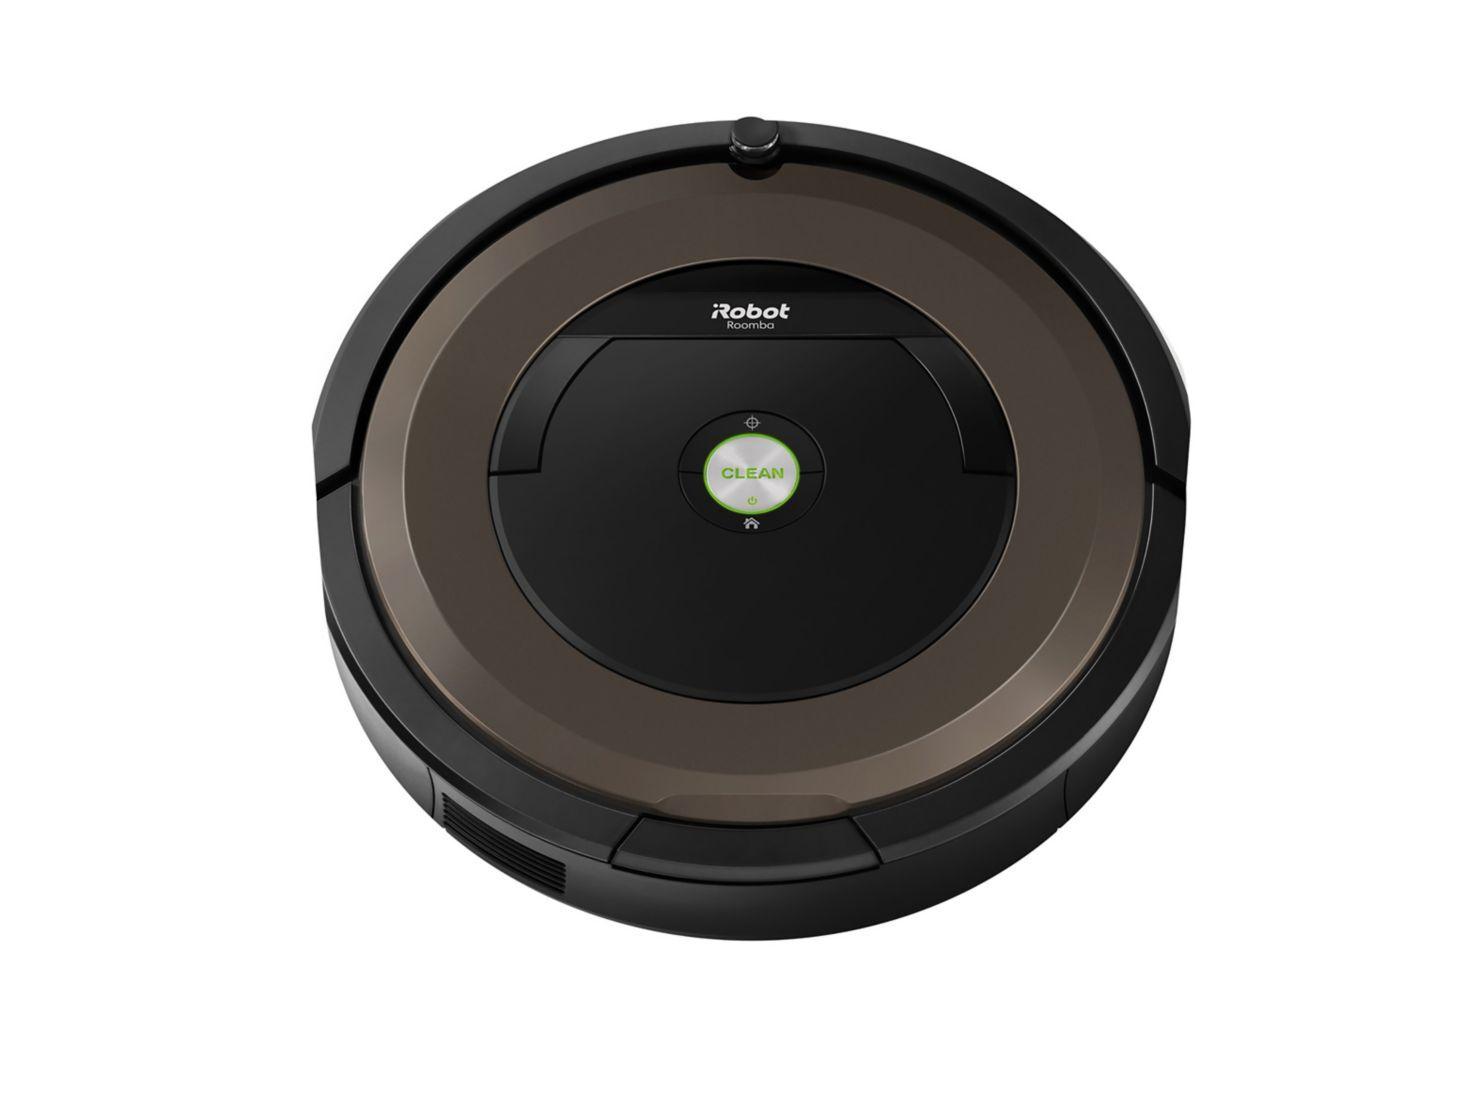 Aspiradora iRobot Automática Wifi ROOMBA 890